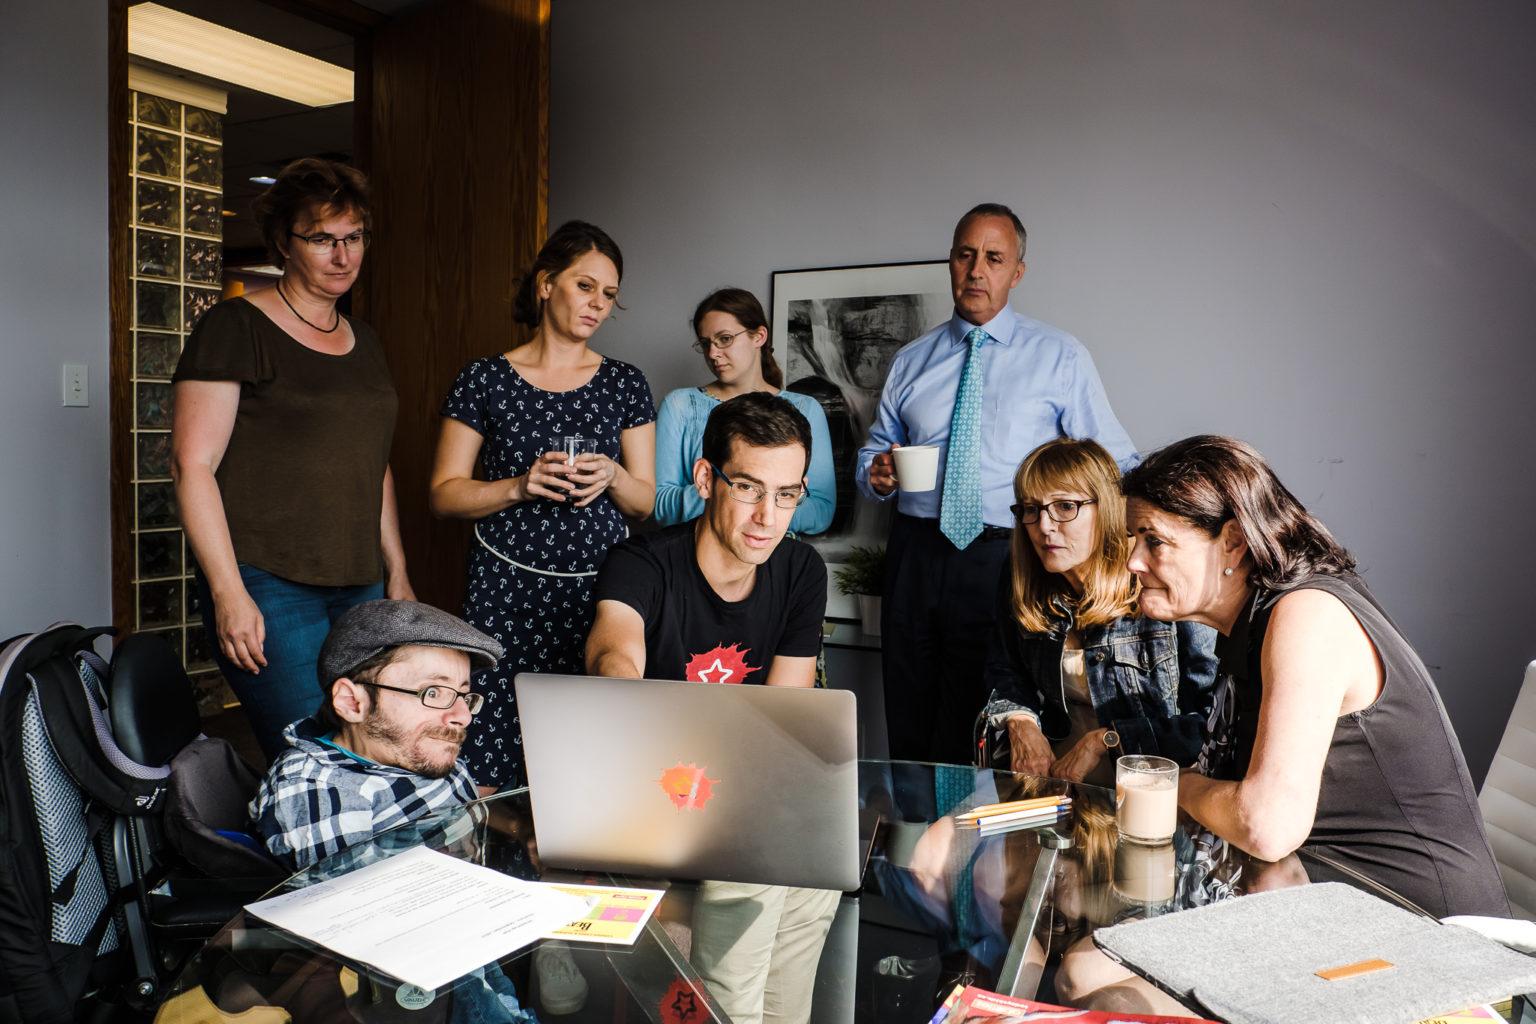 Foto von den Sozialheld:inenn und weiteren Personen aus Toronto. Der Sozialheld Holger erklärt den Anwesenden etwas an einem Laptop.